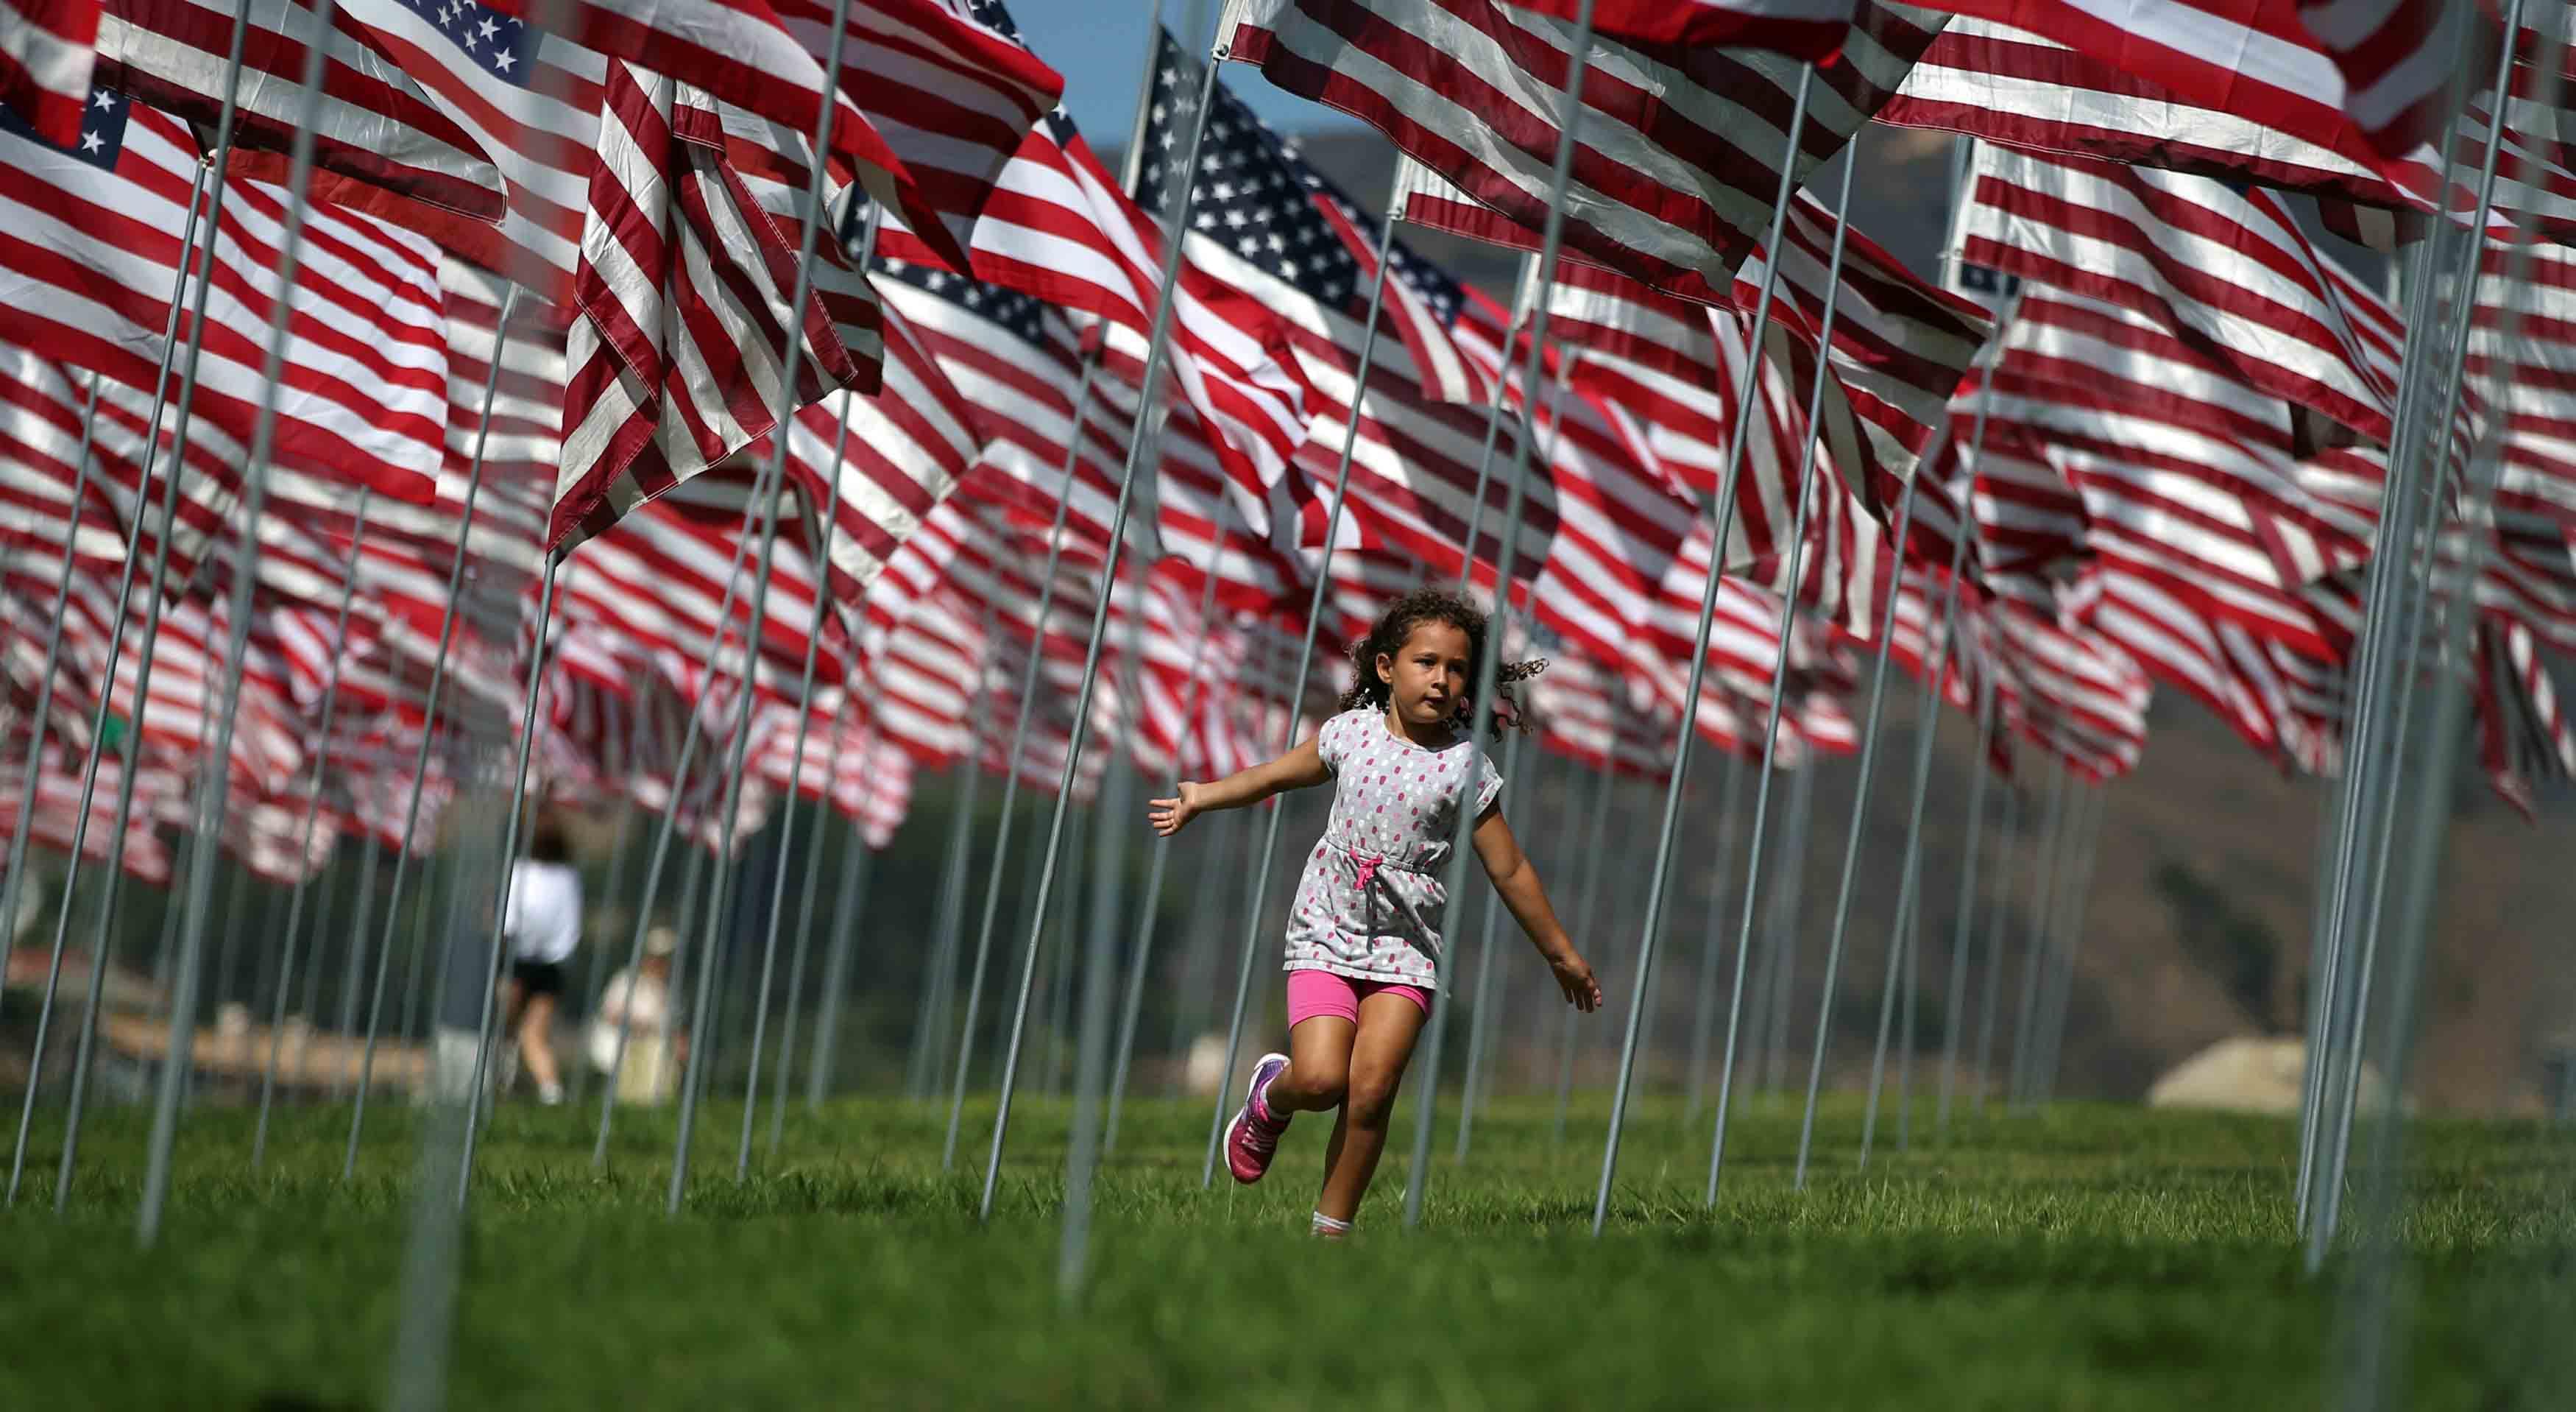 Los estadounidenses rinden homenaje a las casi tres mil personas que perdieron la vida en el atentado terrorista contra las Torres Gemelas